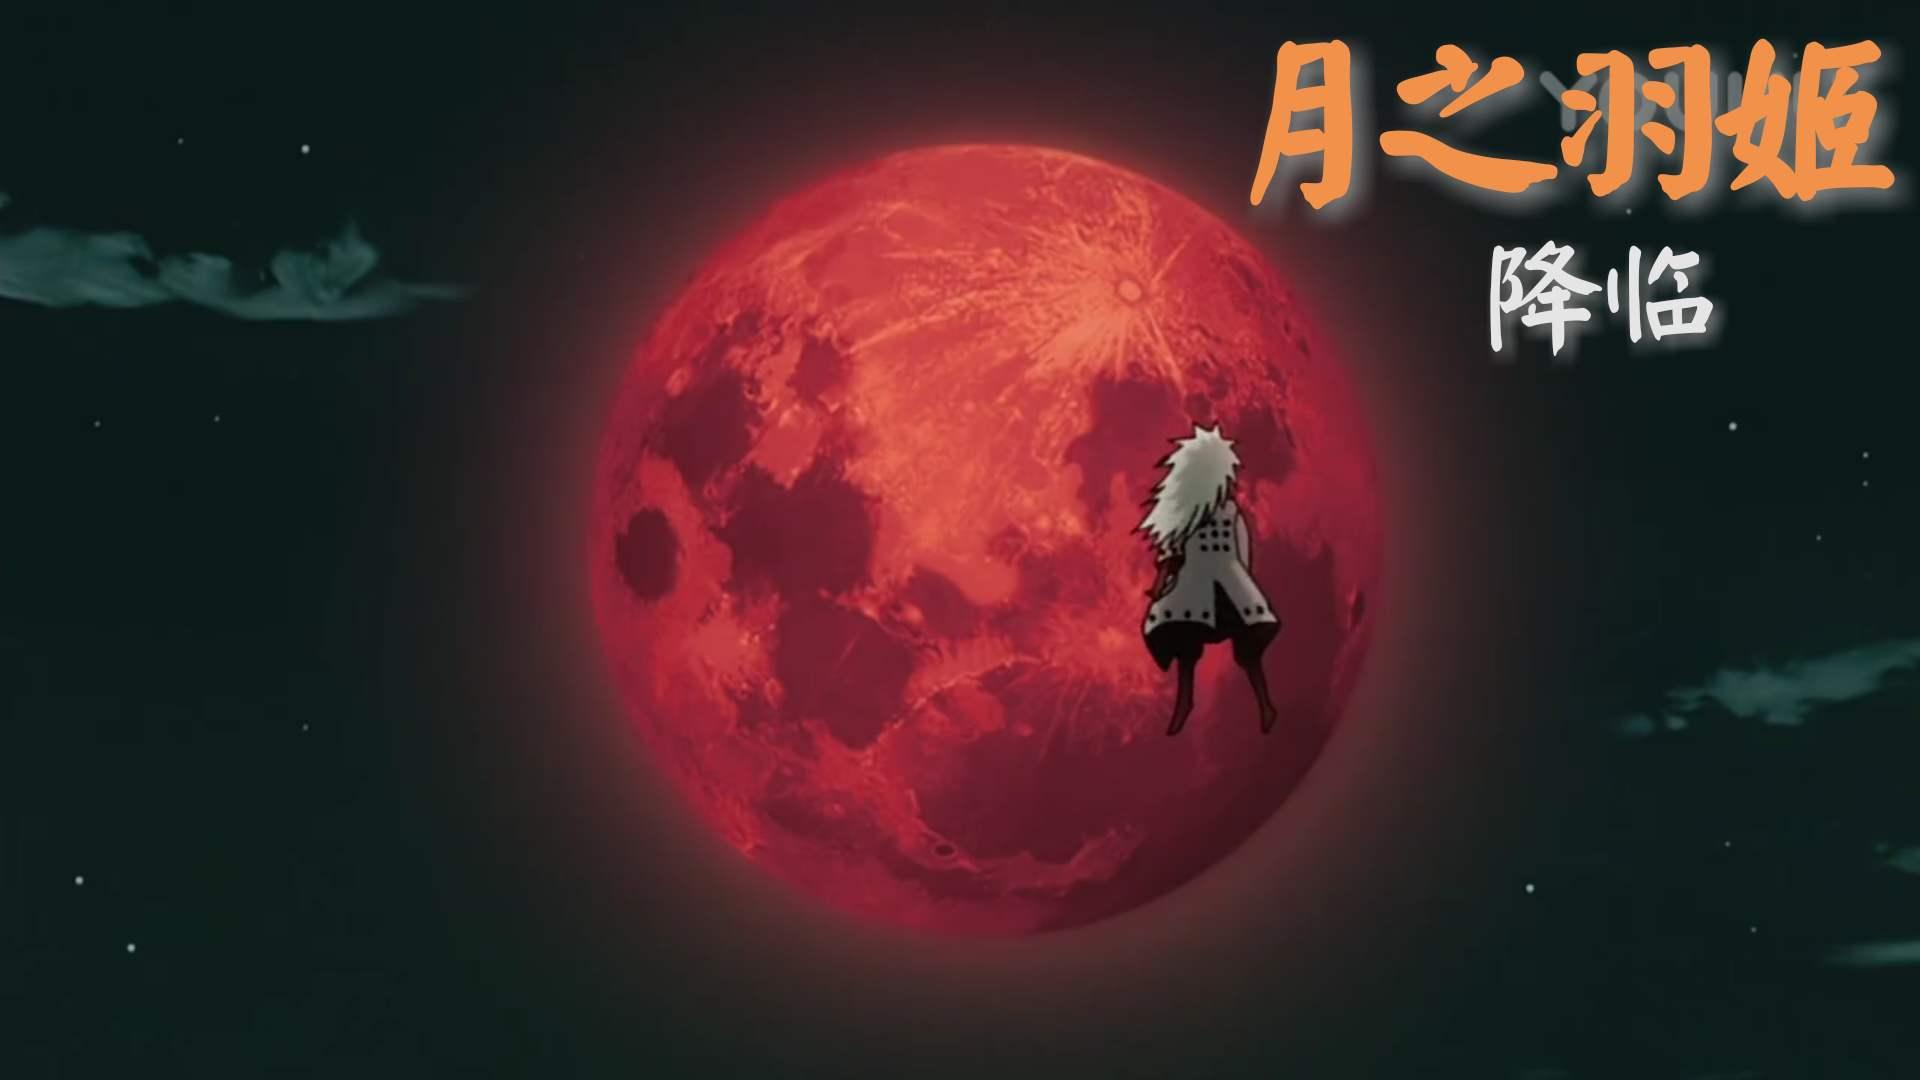 """火影忍者,为什么斑的""""月之眼计划""""得不到一些人的认可?_宇智波"""